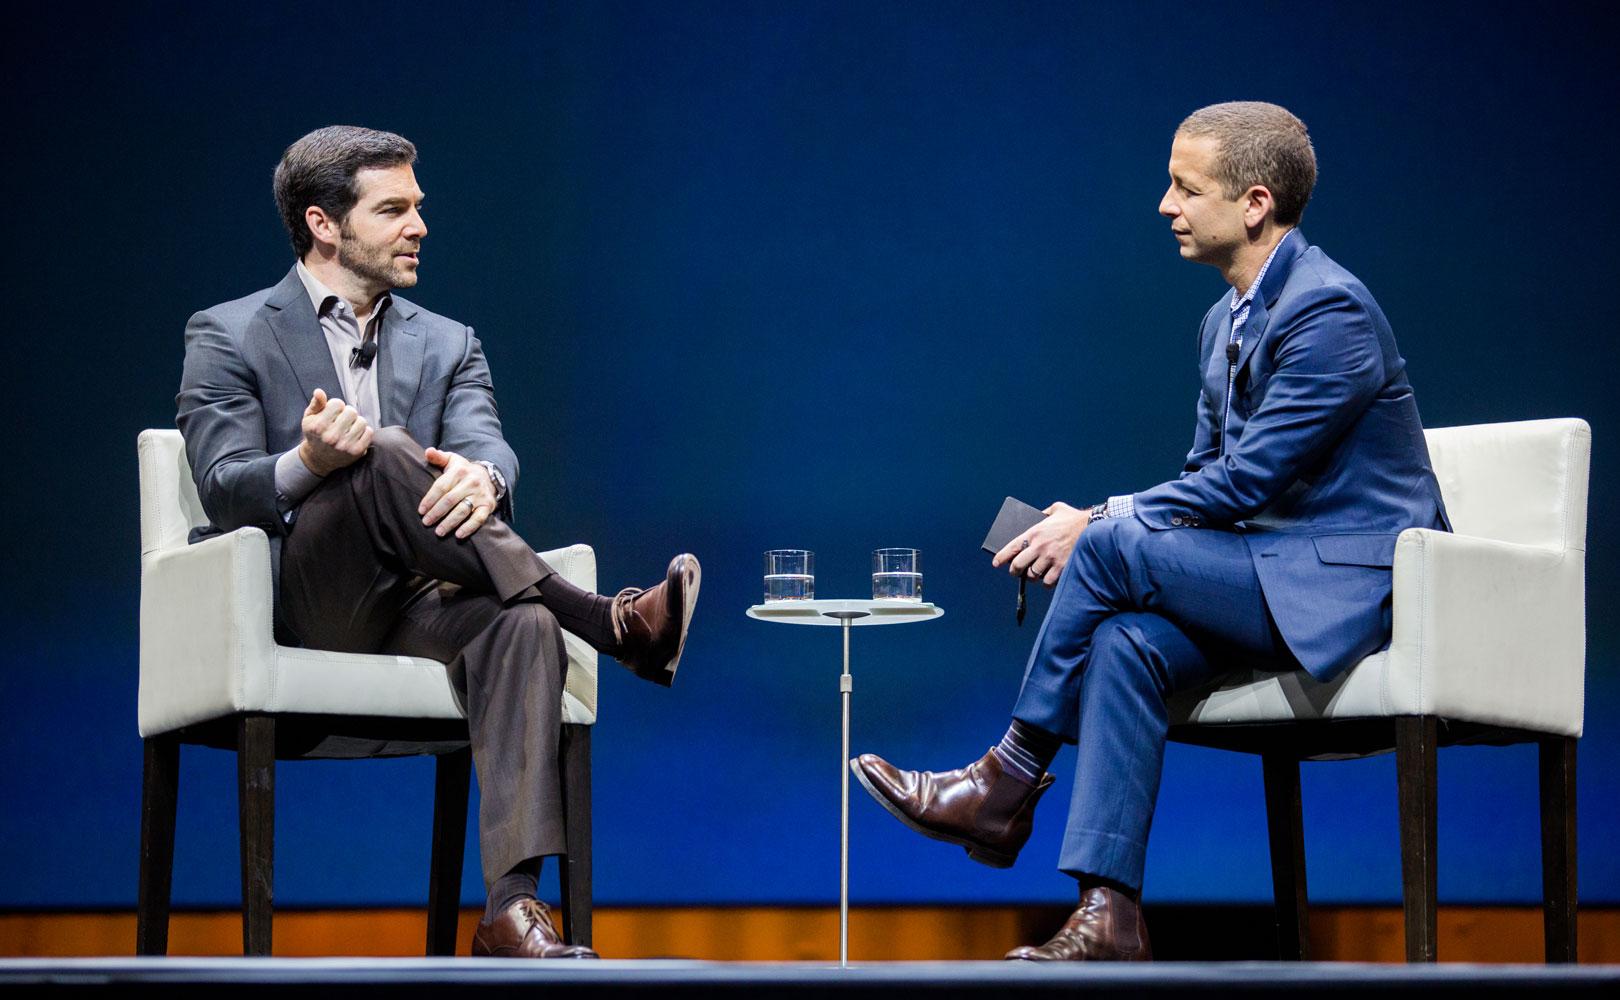 نتيجة بحث الصور عن LinkedIn CEO Jeff Weiner